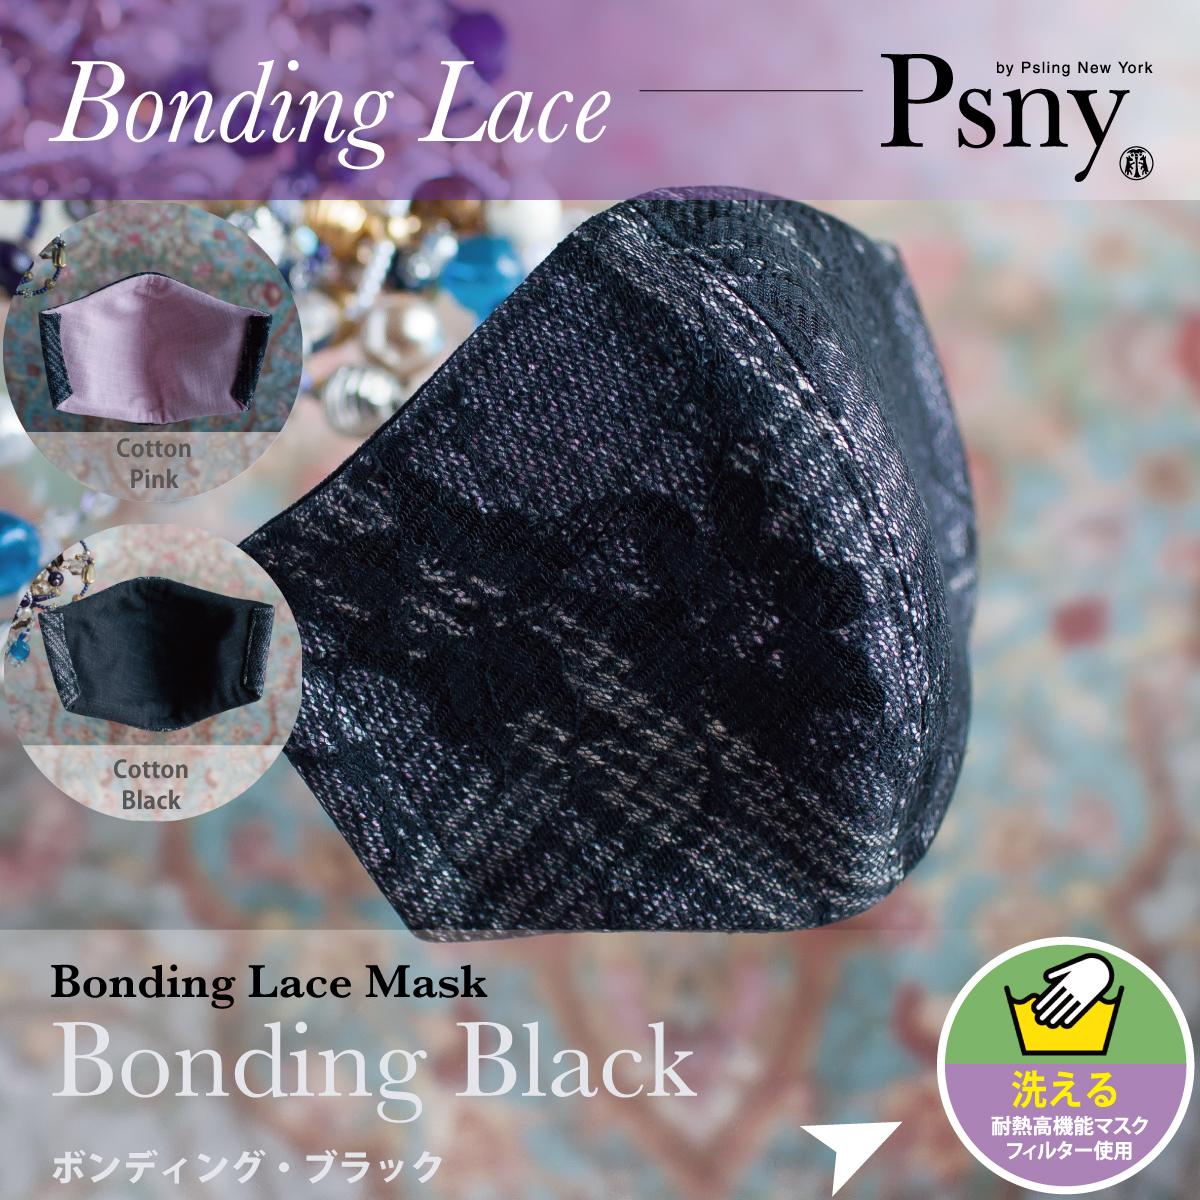 PSNY ボンディング・レース・グレンチェック・ブラック フィルター 立体 マスク 大人用 小顔 高級 美人 エレガント パーティー